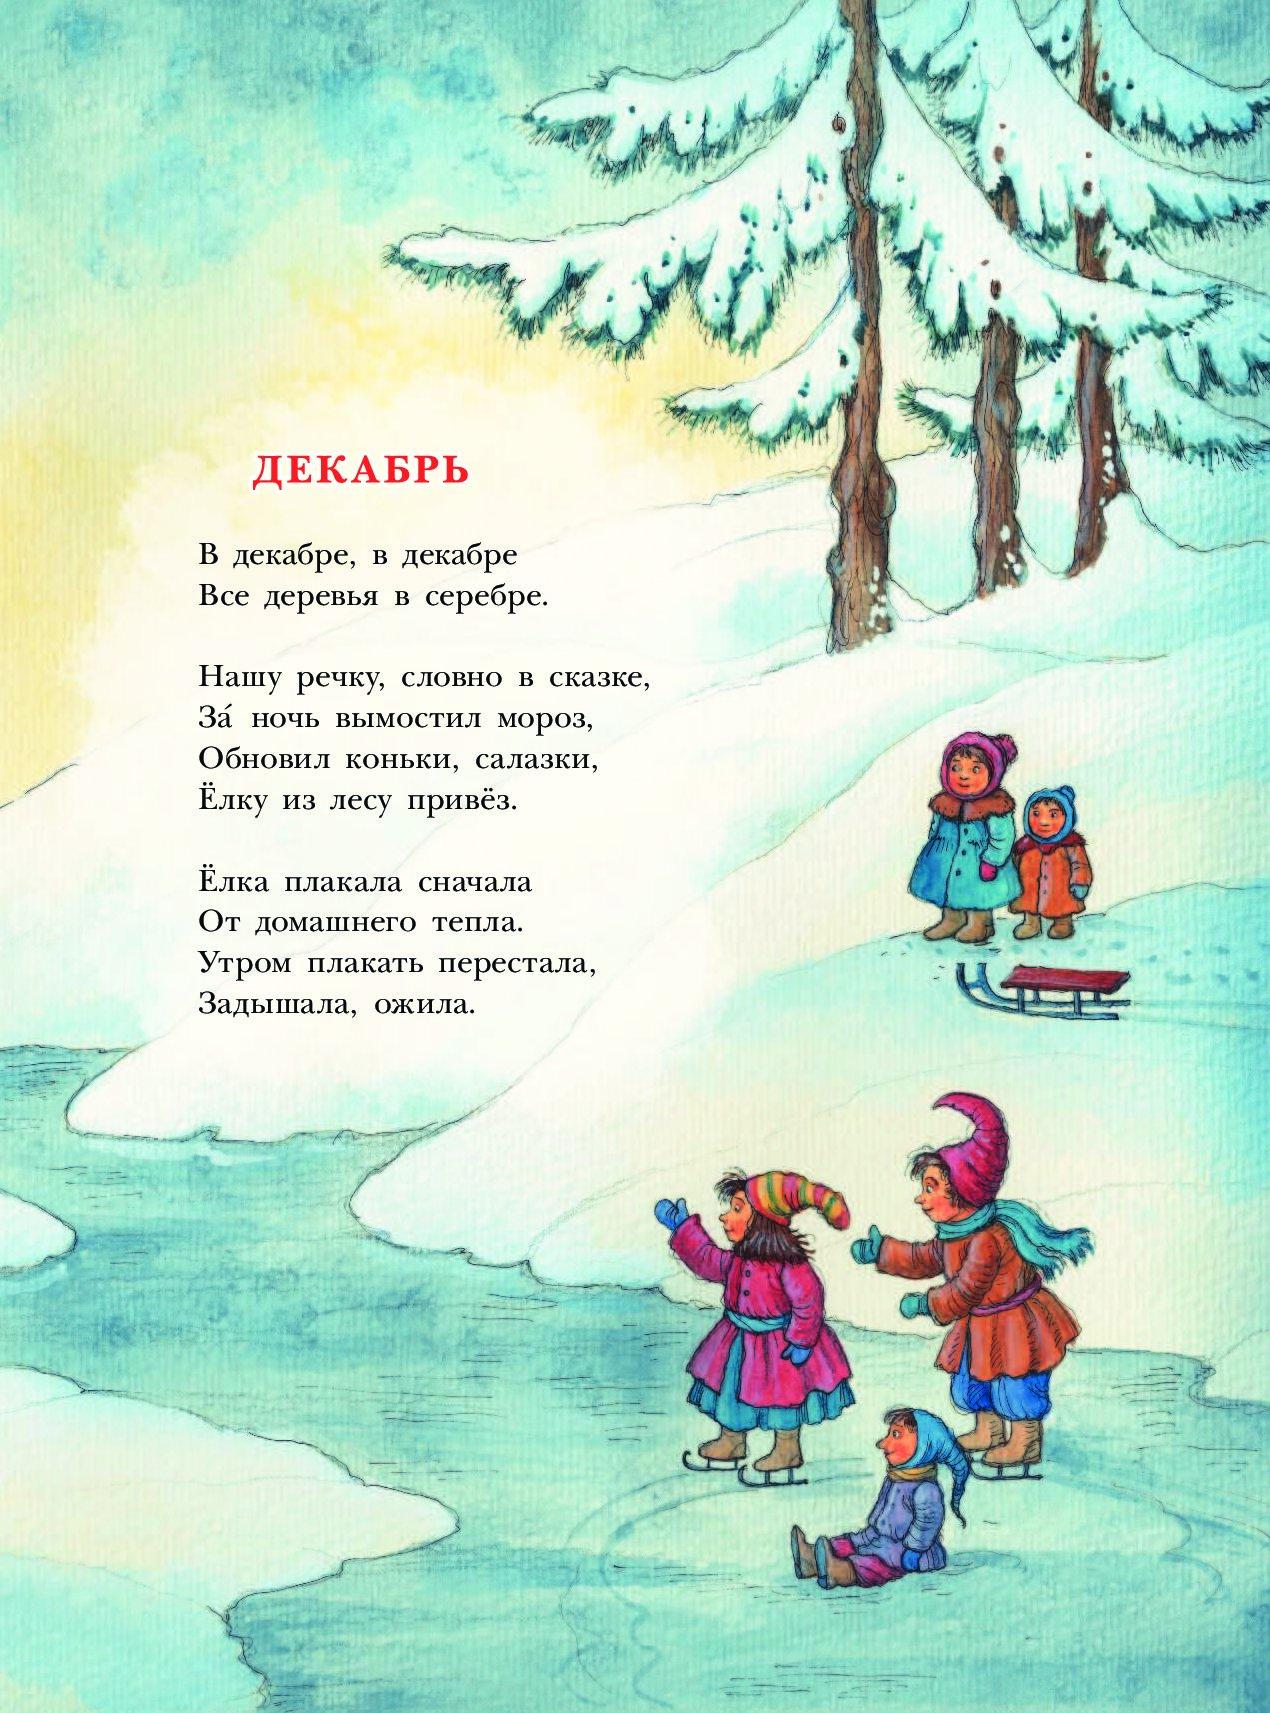 зимние картинки стихотворение громова грабарь основоположник